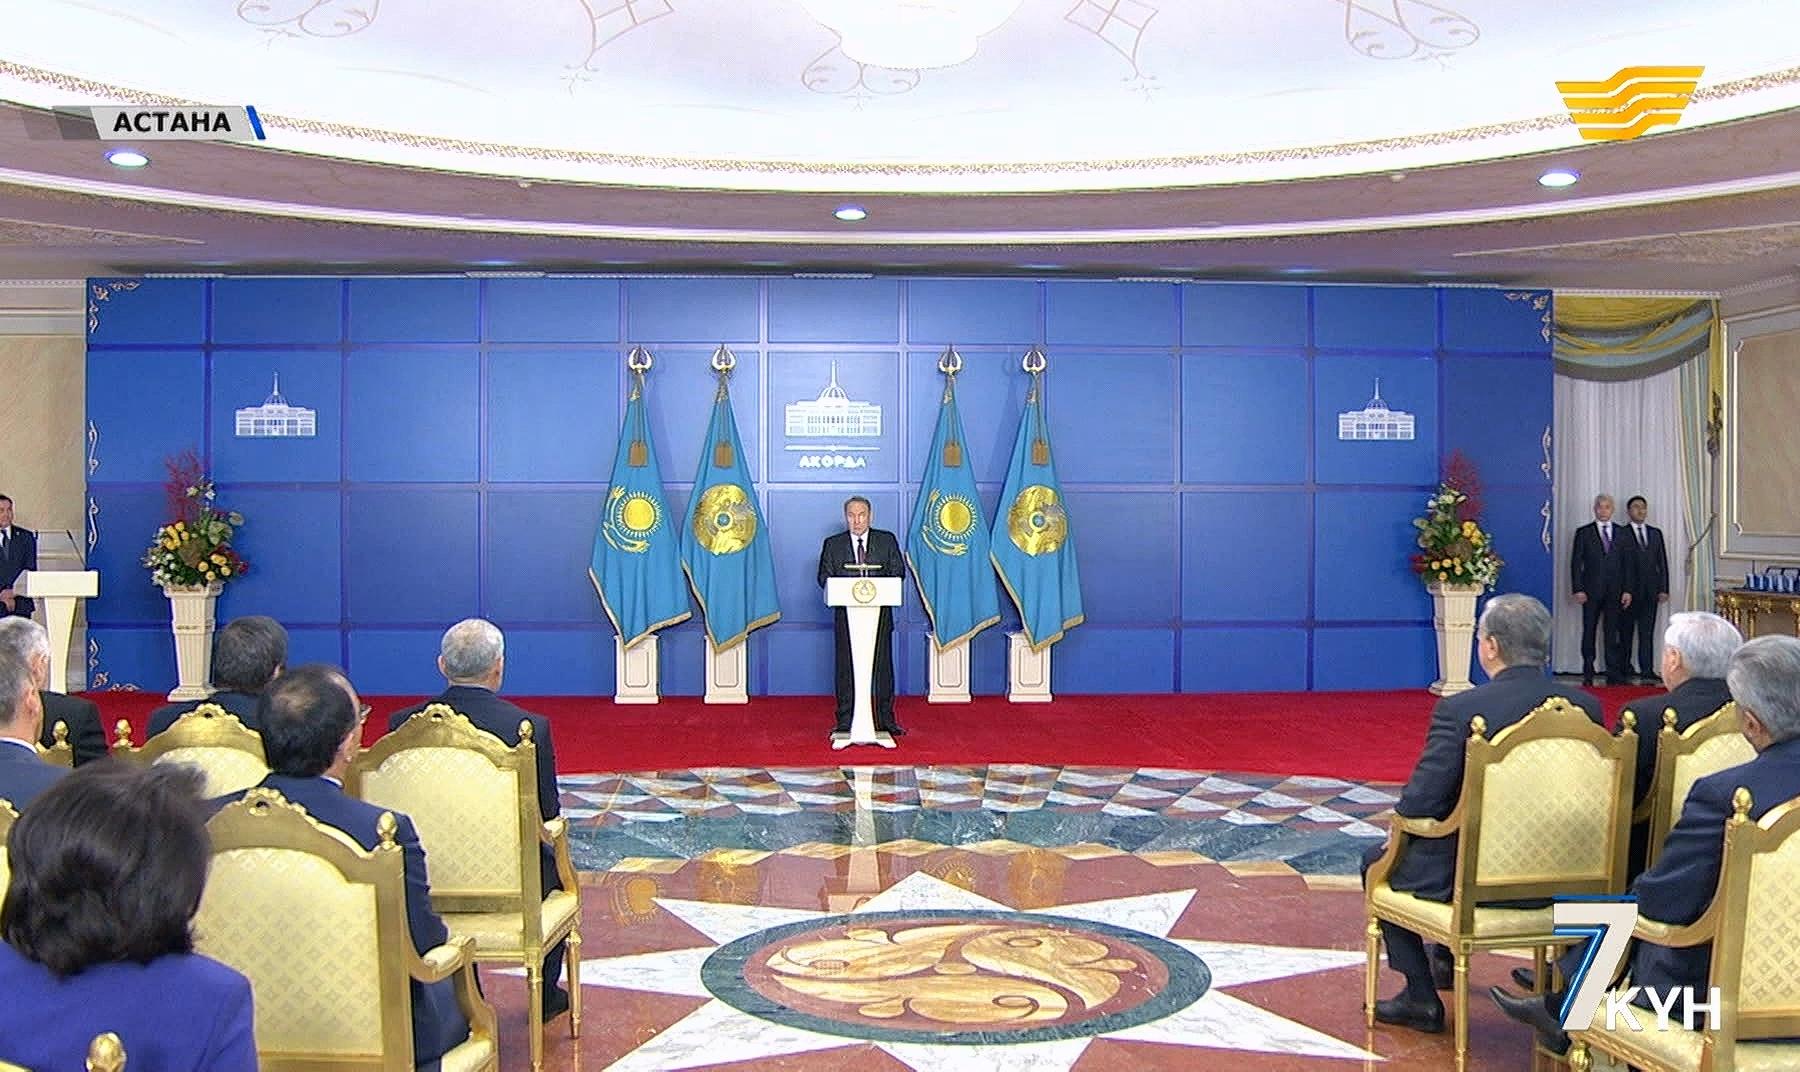 номенклатура дел организации образец в казахстане